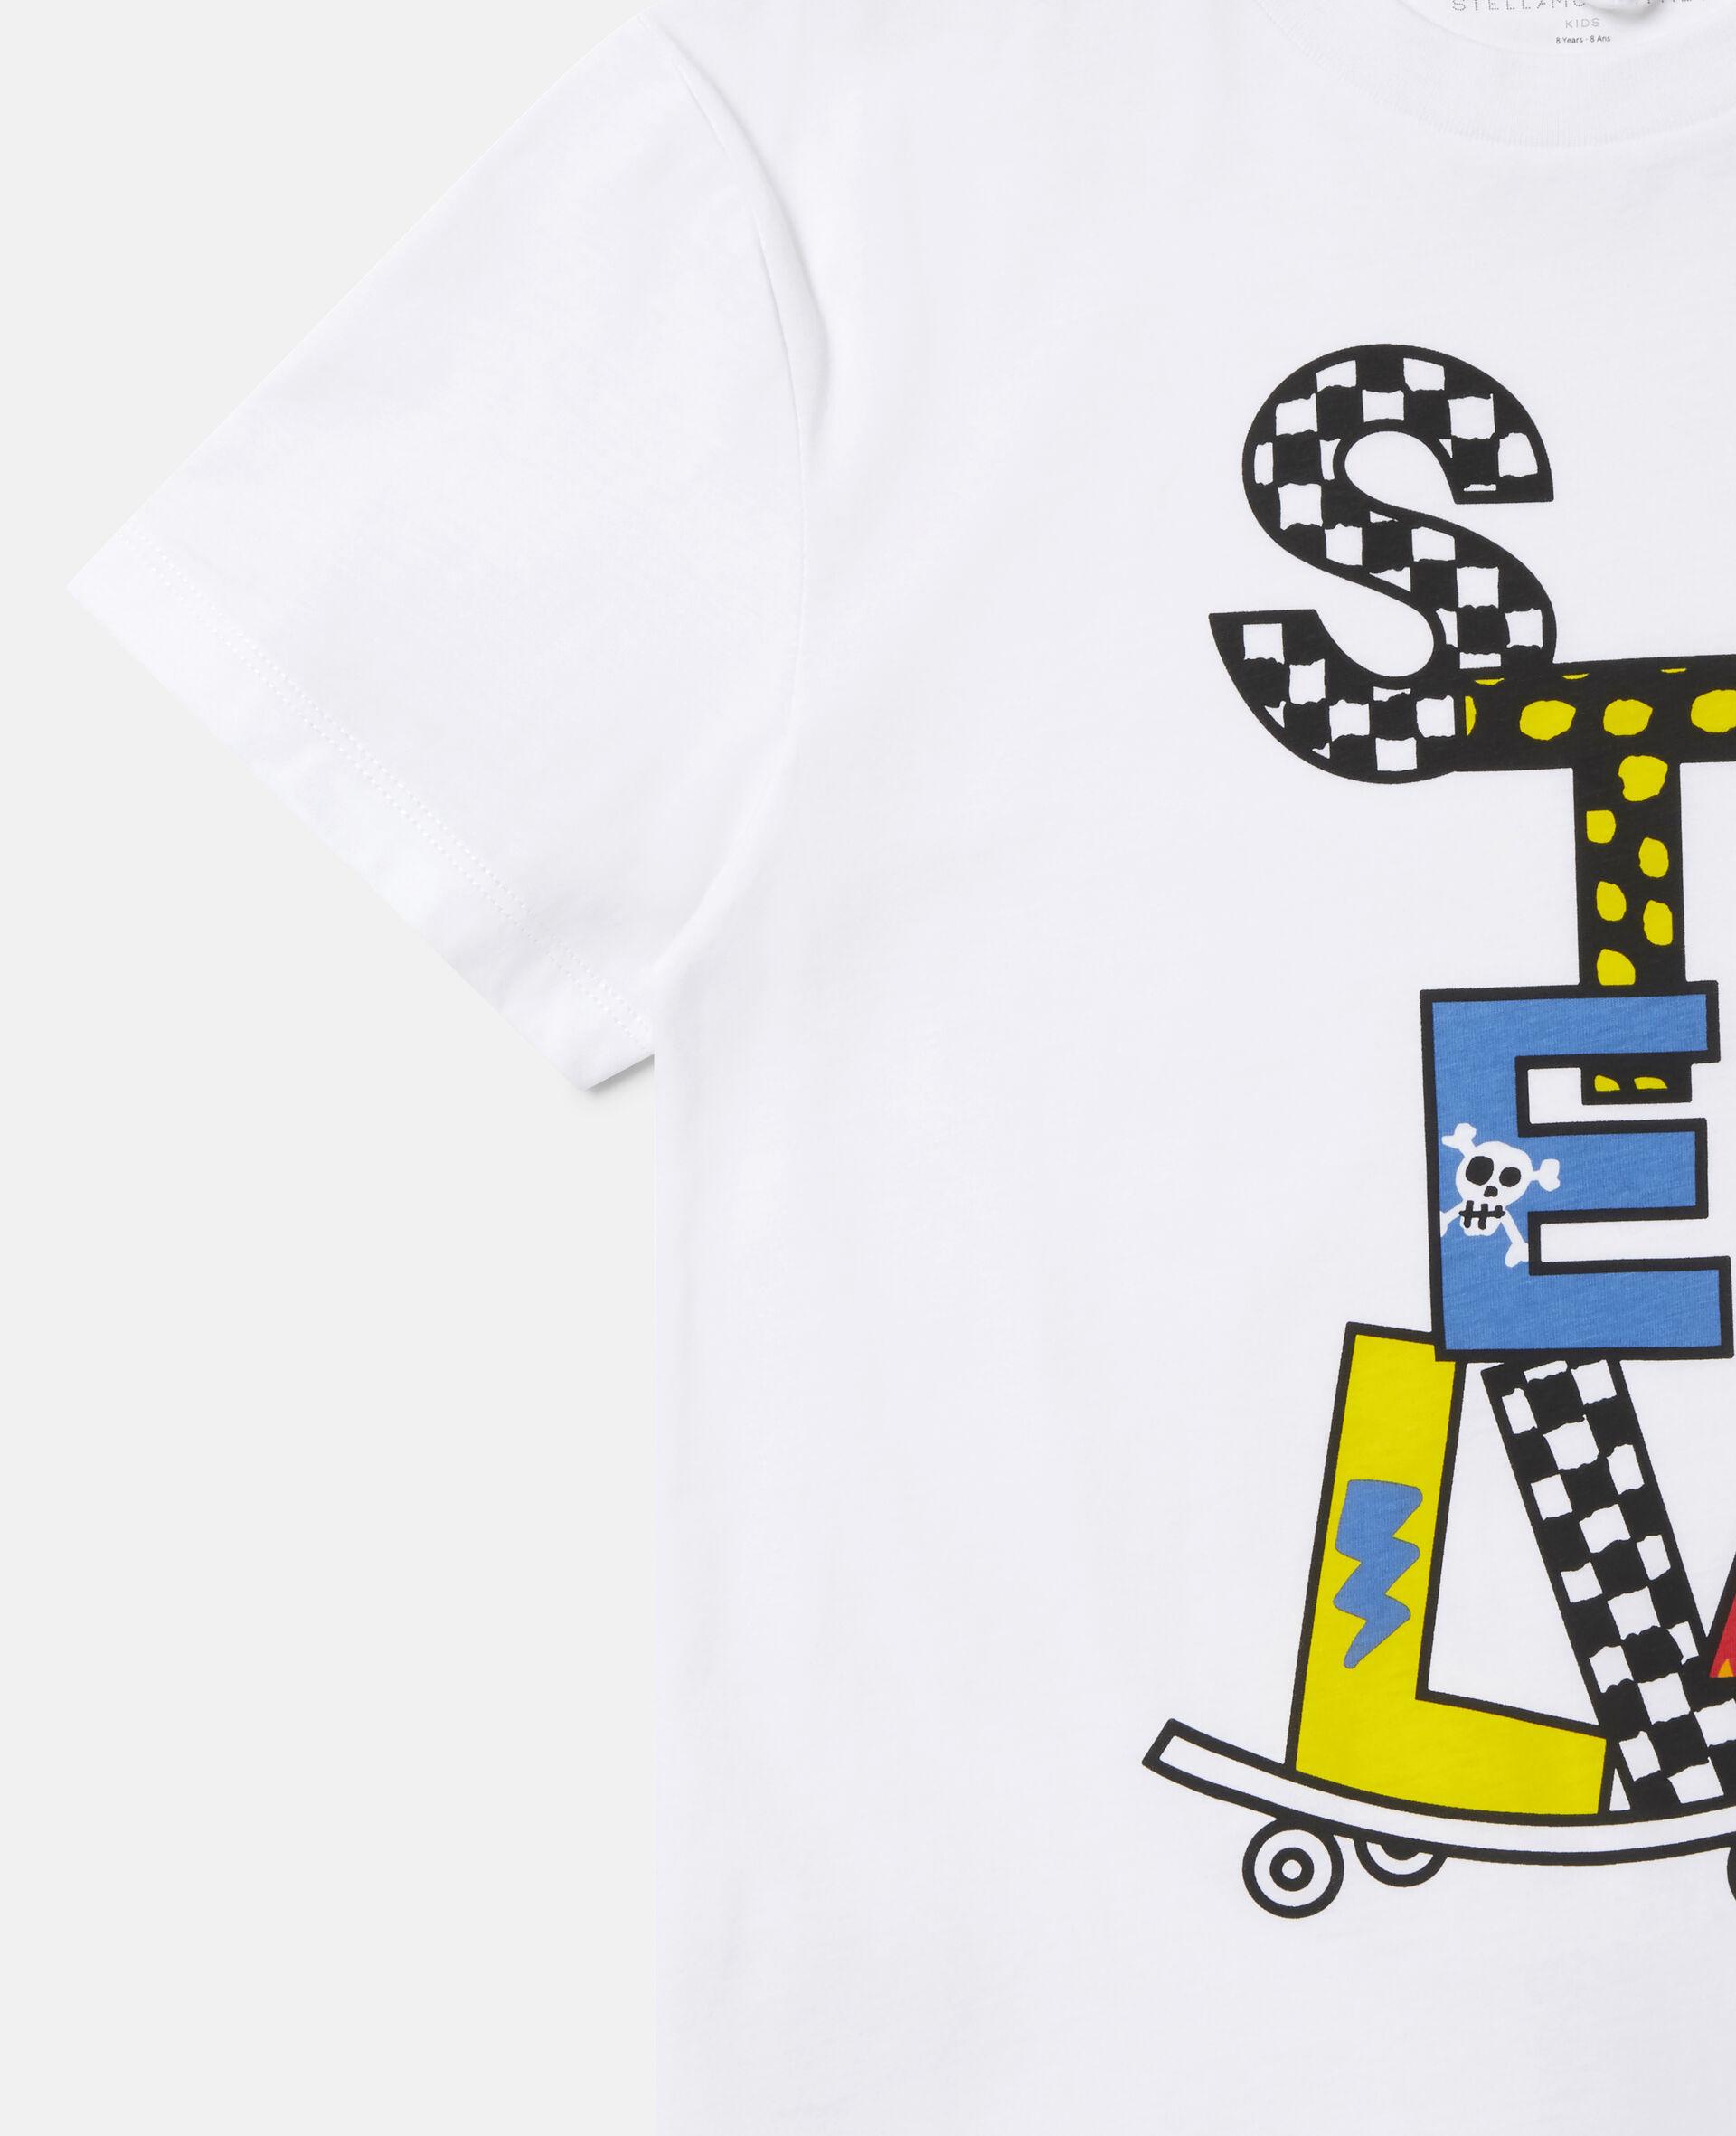 Stella滑板印花超大号棉质T恤 -白色-large image number 2